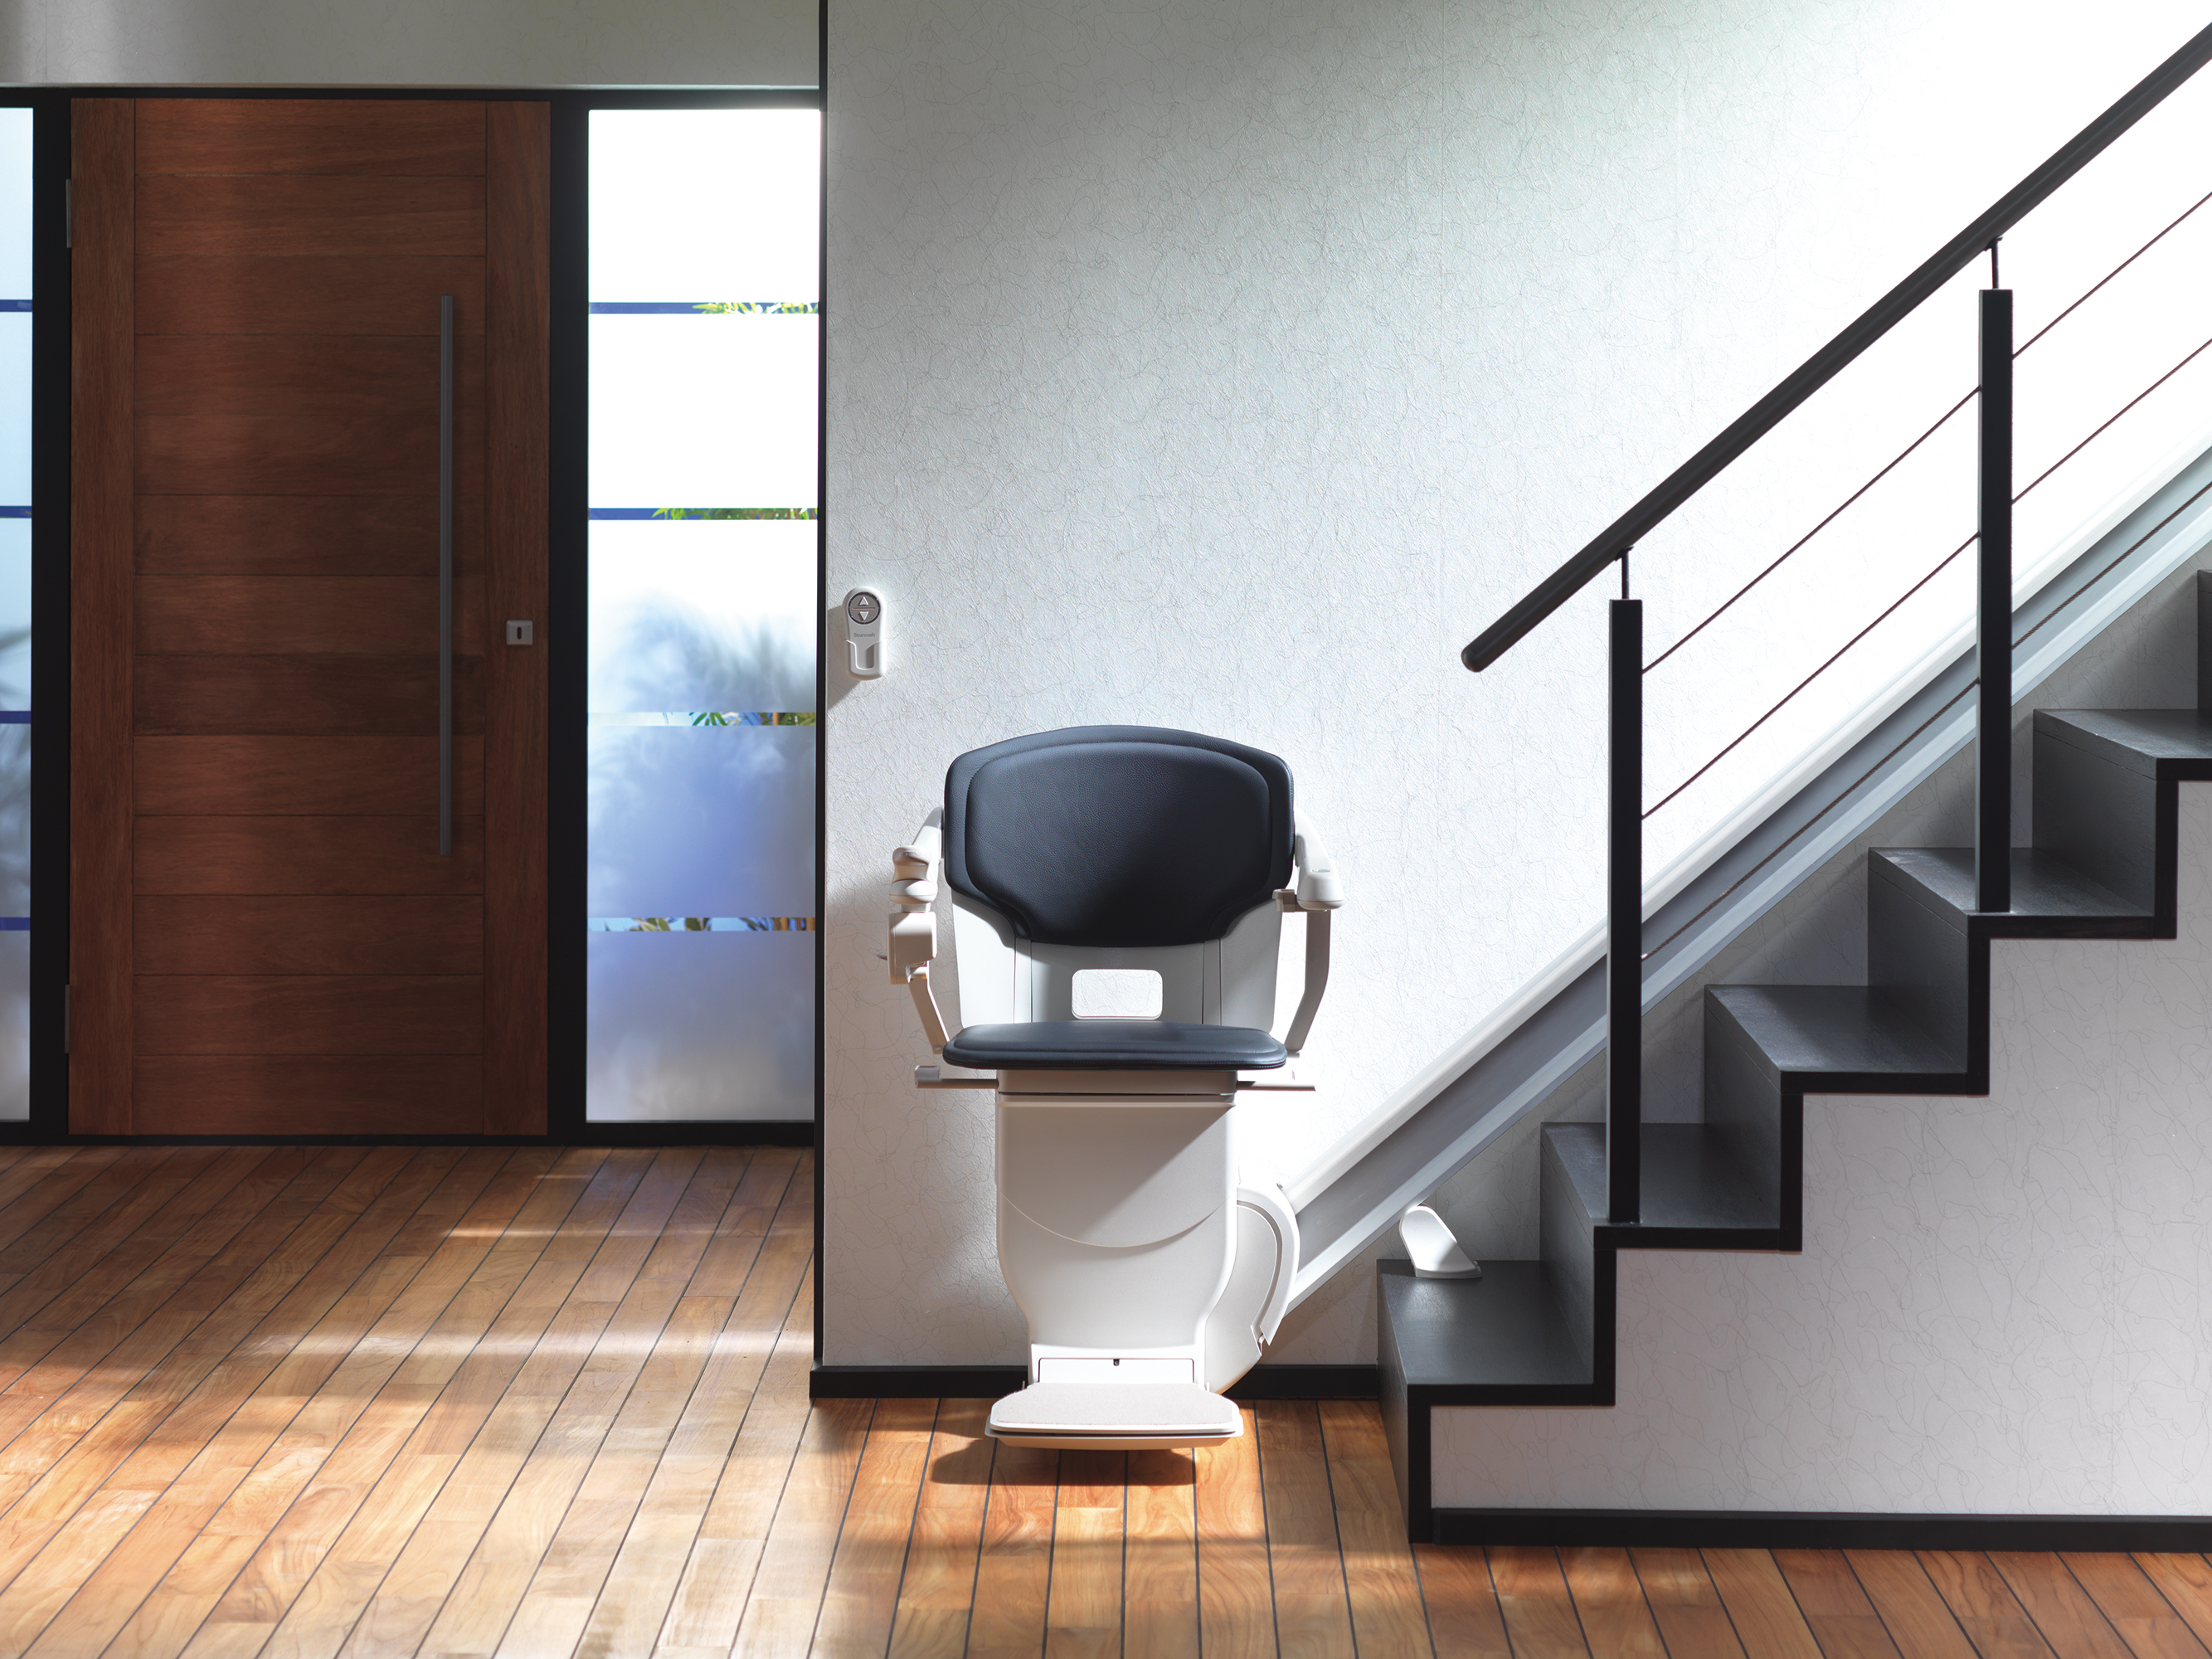 quelle est la dur e de vie d 39 un fauteuil l vateur. Black Bedroom Furniture Sets. Home Design Ideas